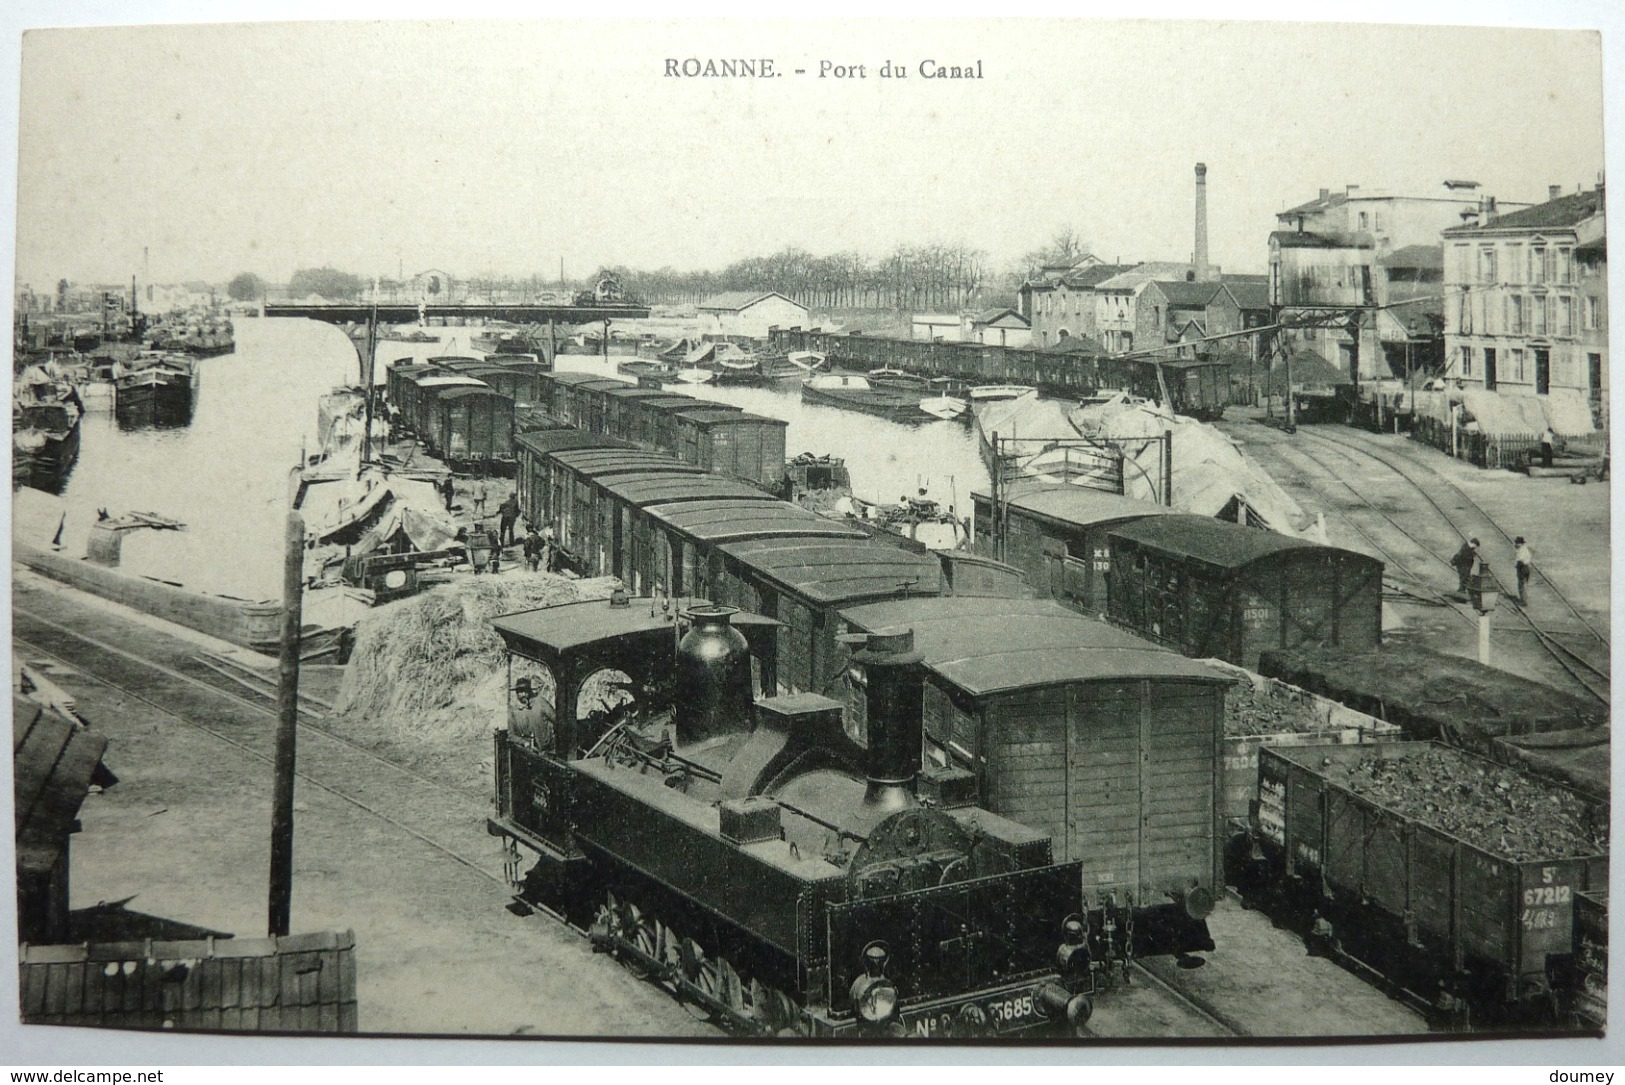 PORT DU CANAL - ROANNE - Roanne